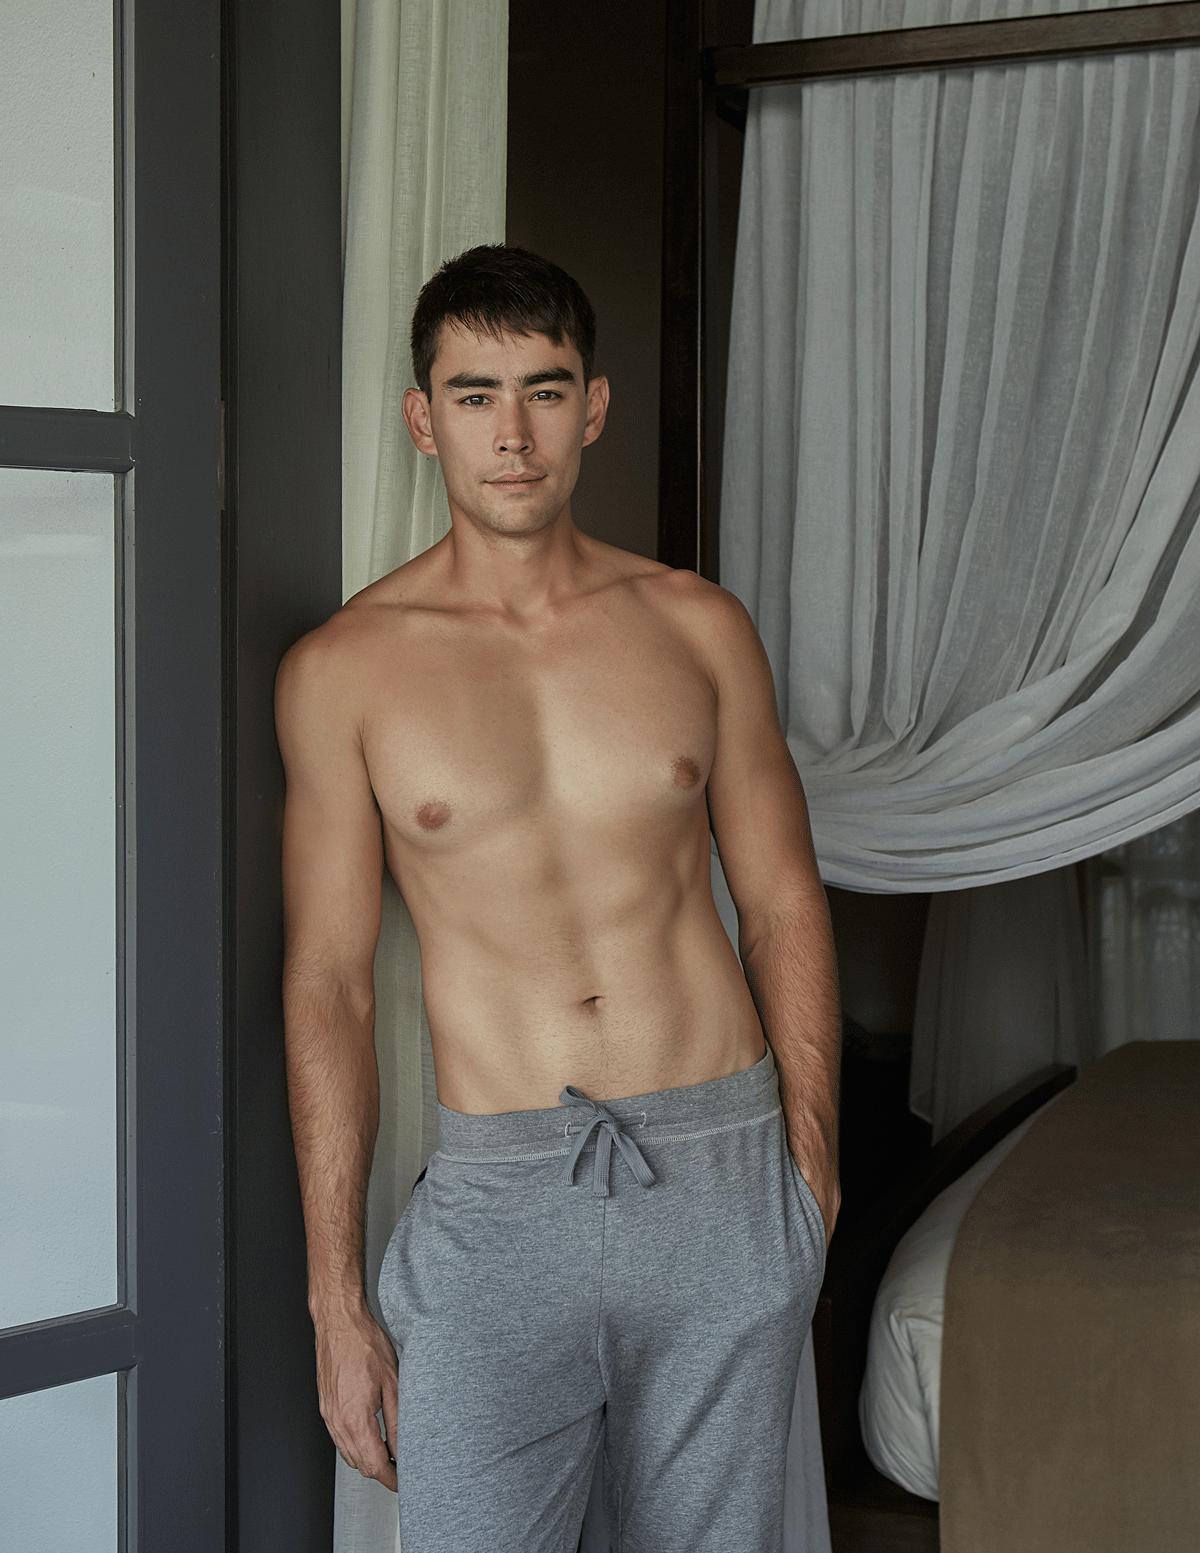 pants : NOXX wear